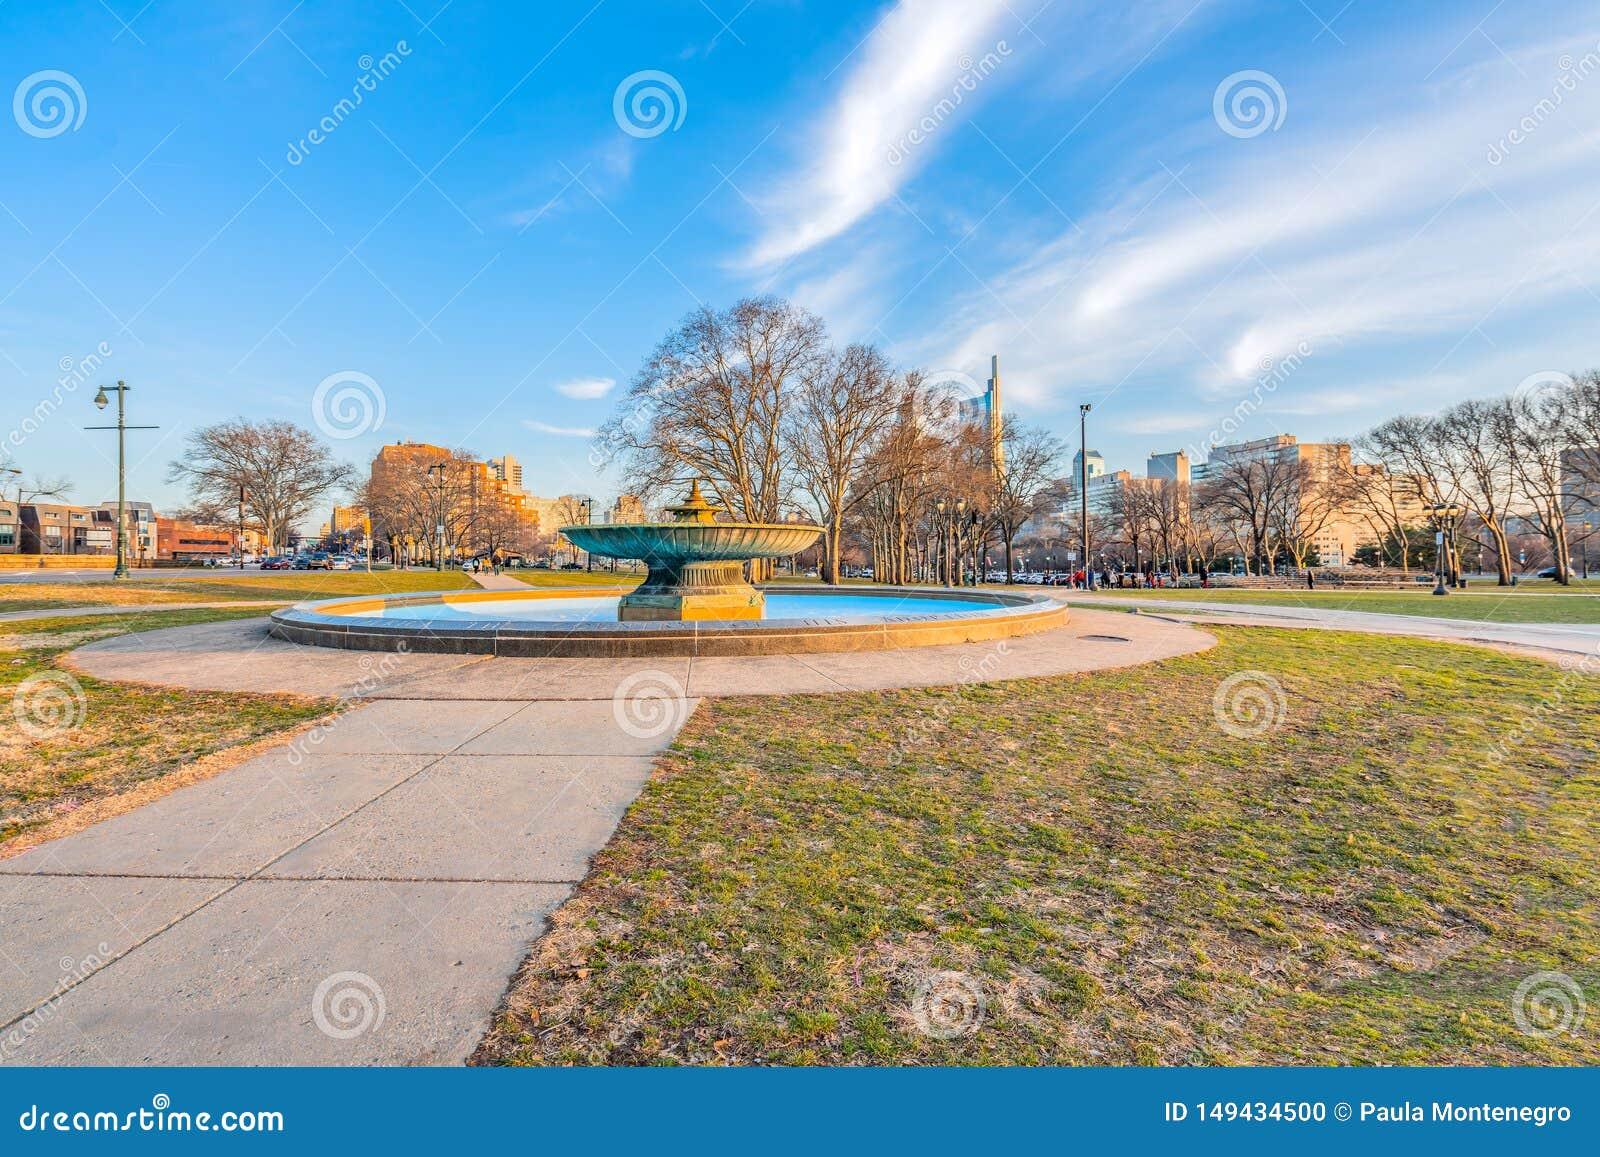 Philadelphia, Pennsylvania, de V.S. - December, 2018 - Mooie mening van Ericsson Fountain in Eakins-Ovaal